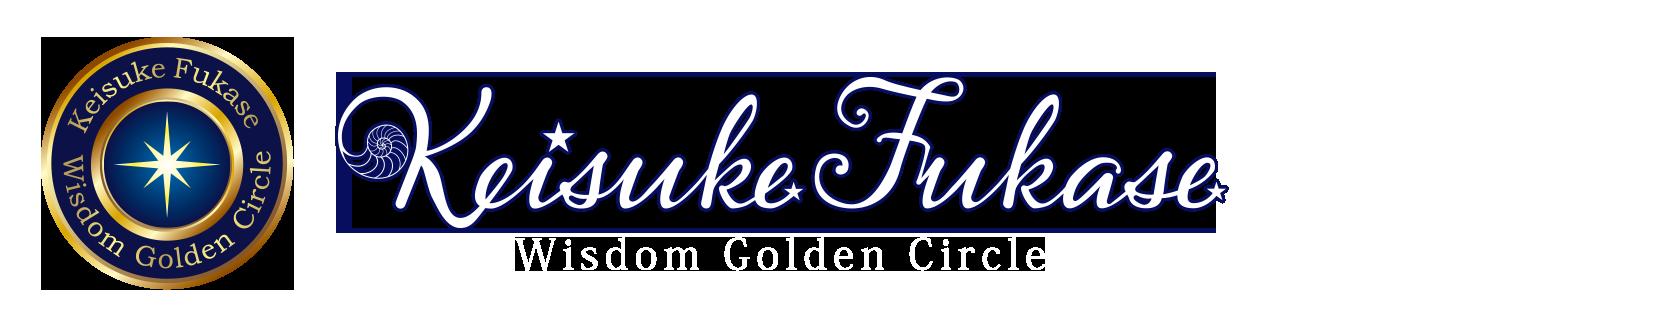 セイクレッド アウェイクニング サークル Sacred Awakening Circle・スピリチュアル ドリーミング アート Spiritual Dreaming